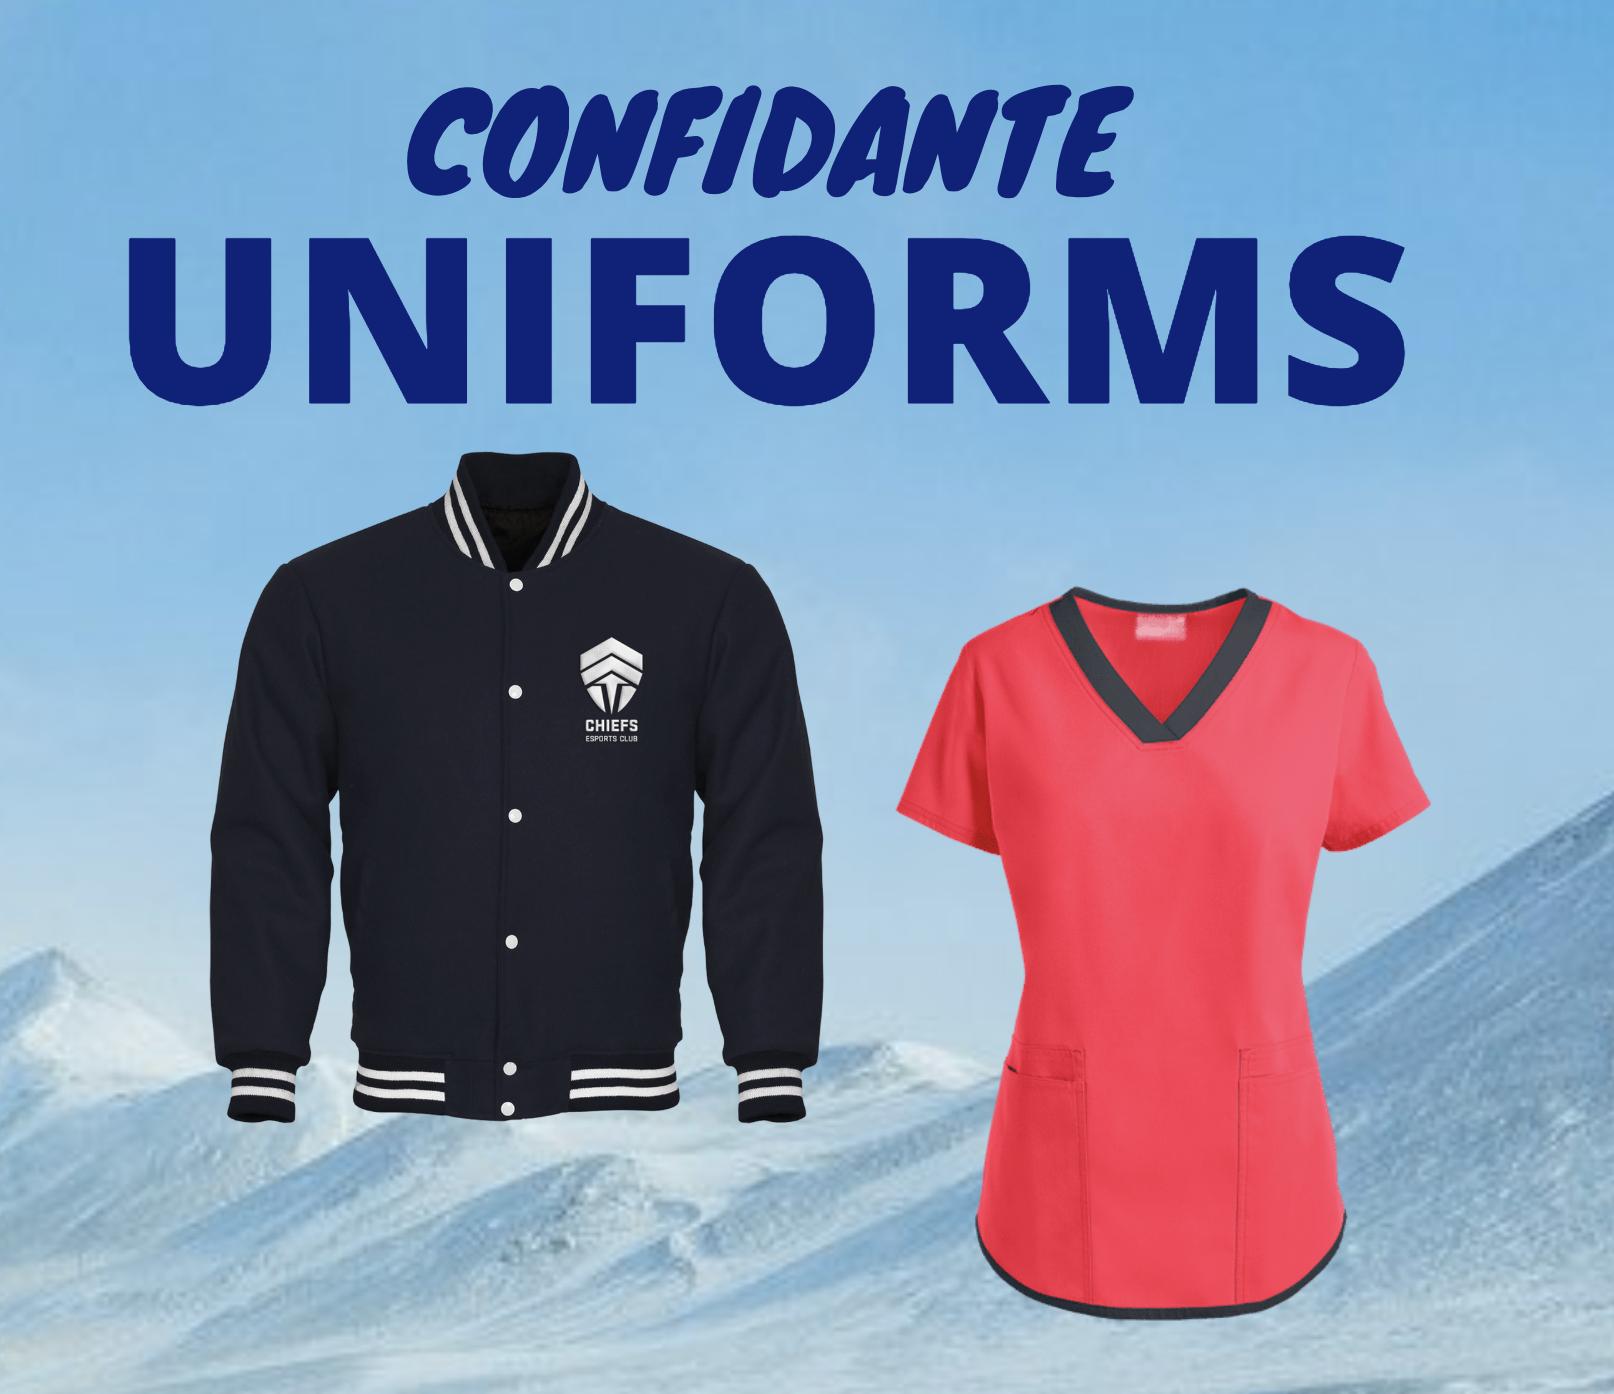 Buy Uniforms Online Now